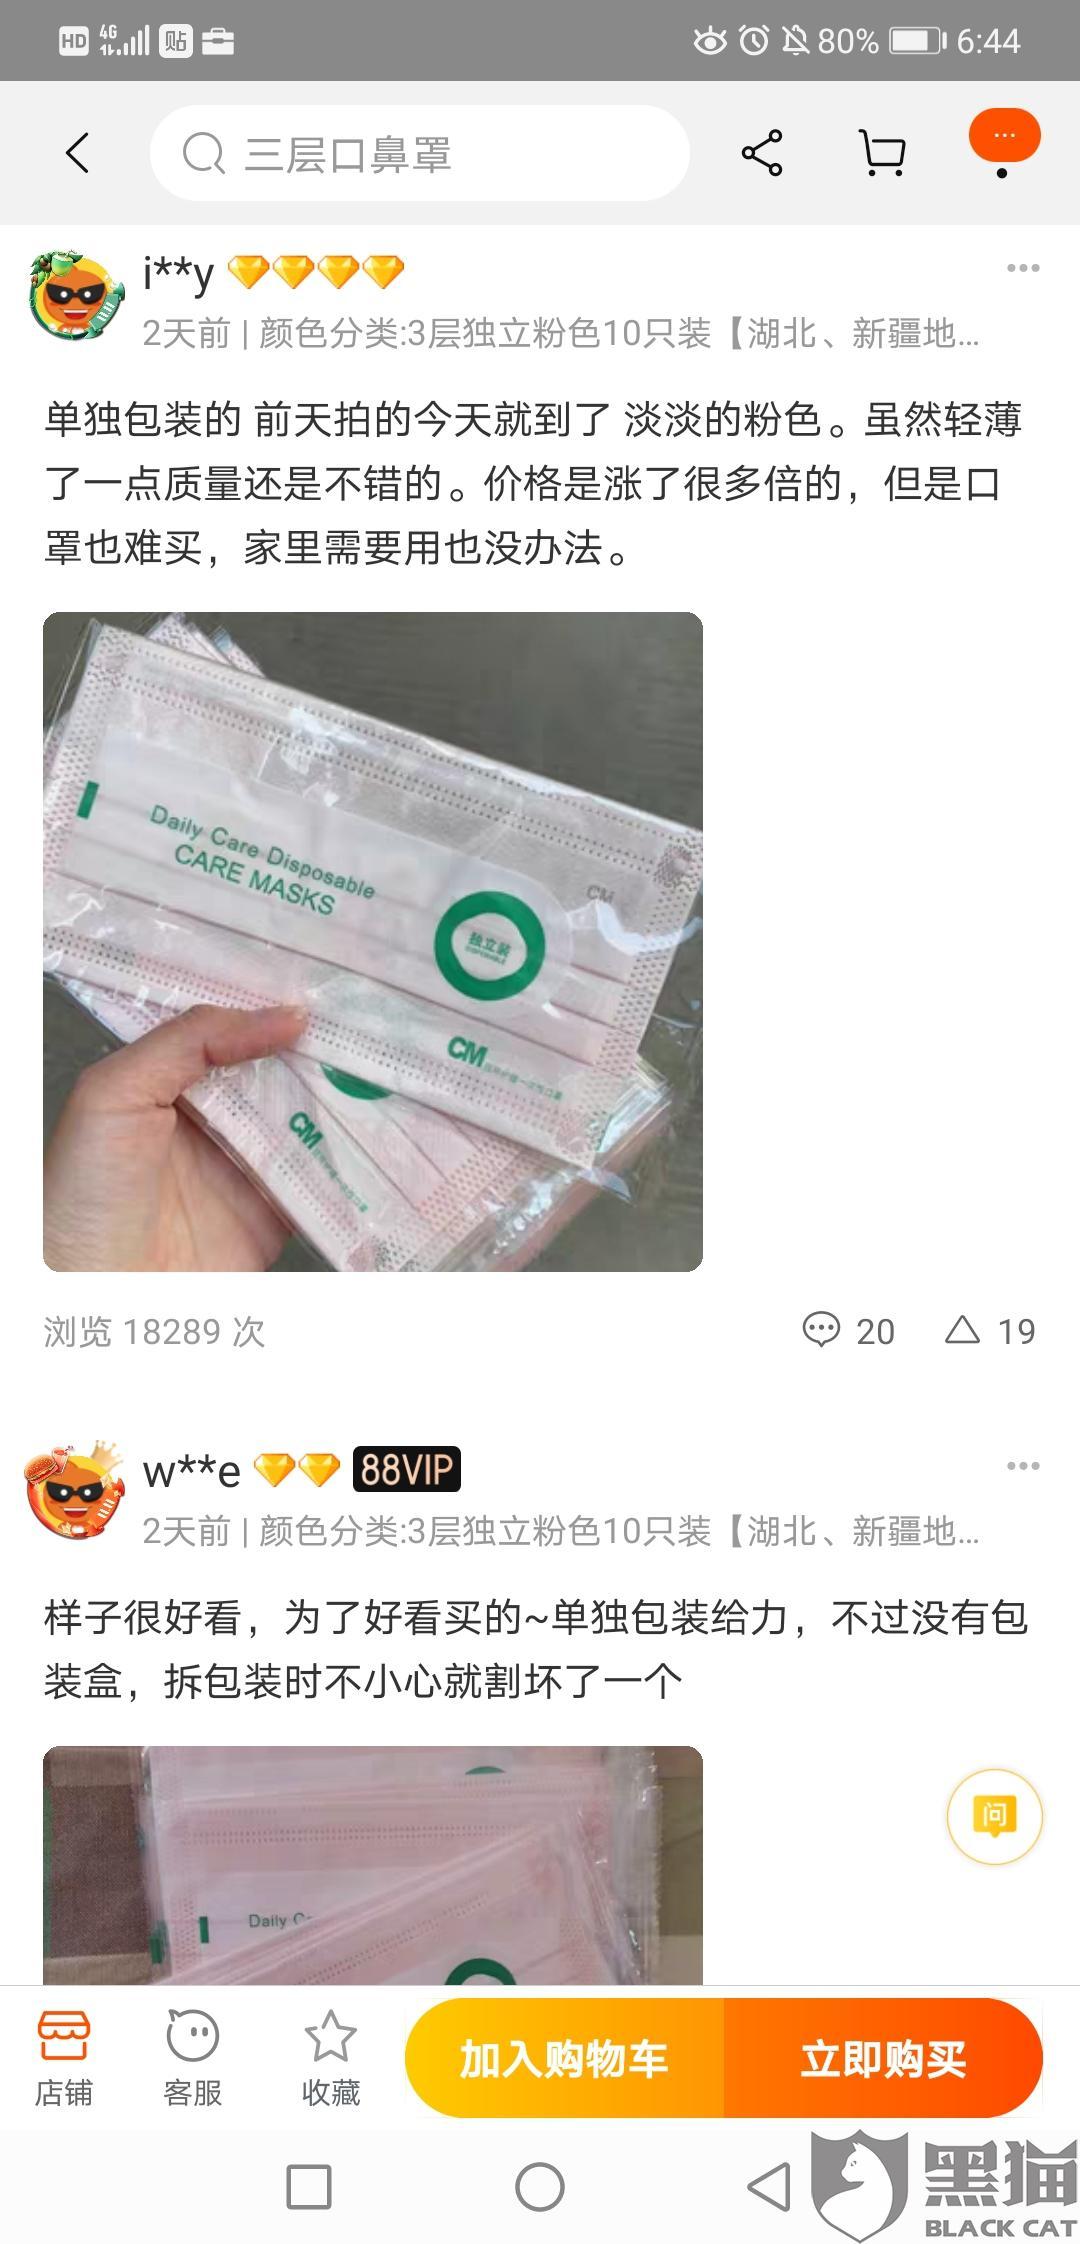 黑猫投诉:cm朝美居家日用旗舰店